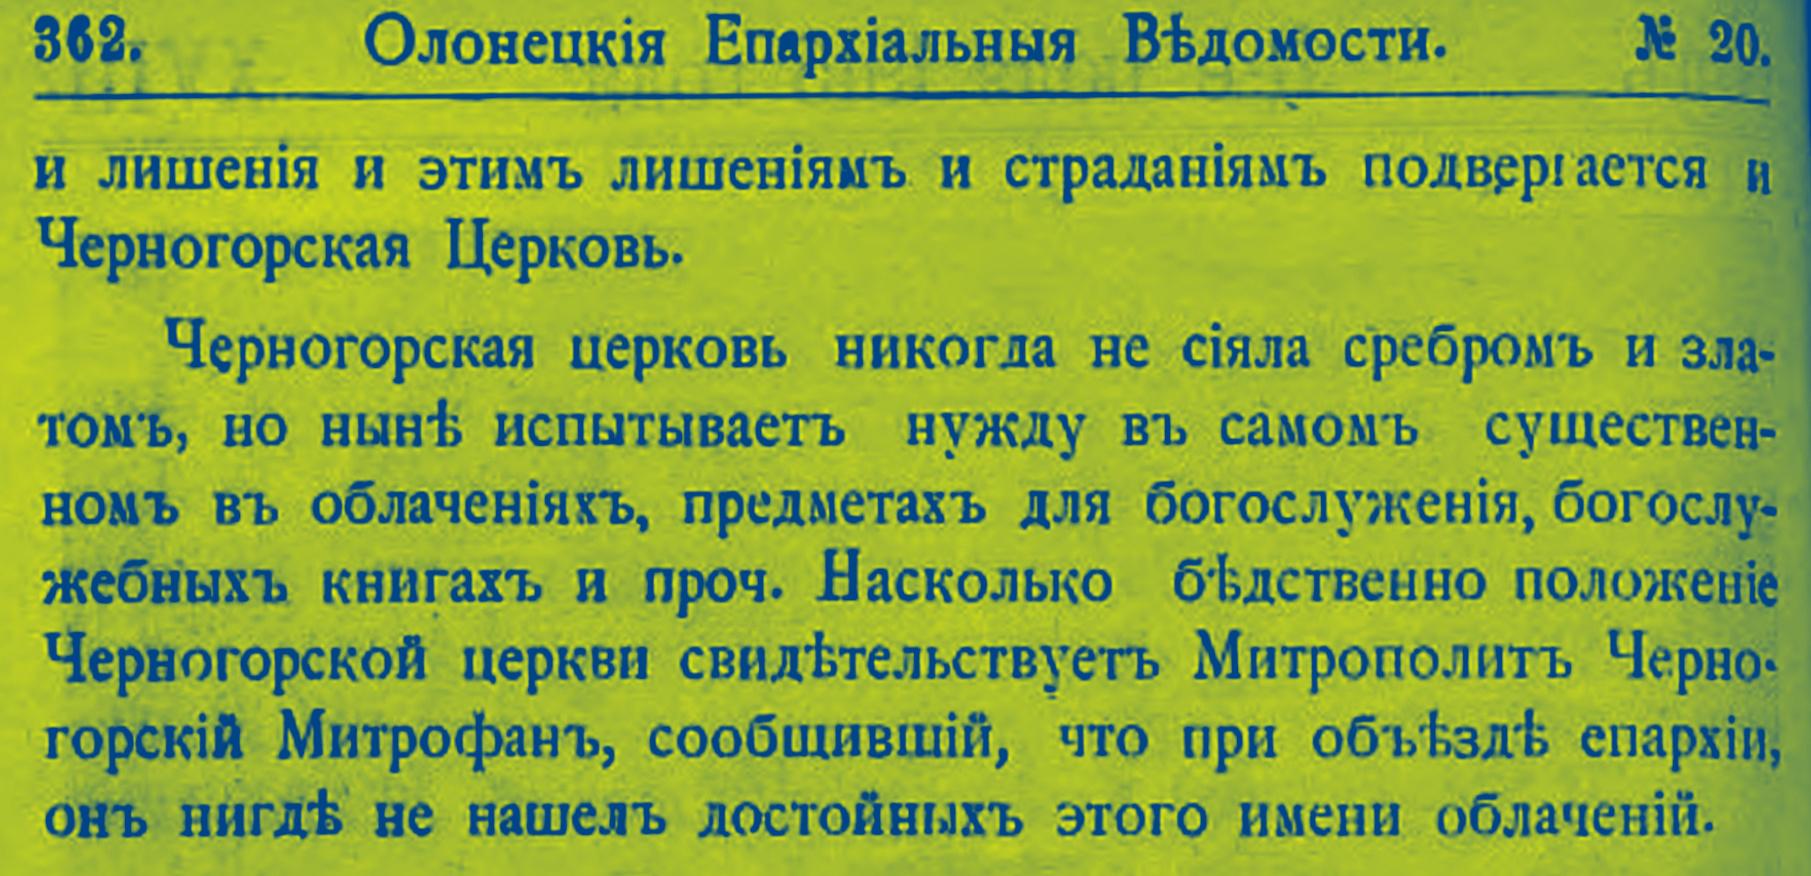 DOKUMENTI: Страданіямъ подвергается и Черногорская Церковь